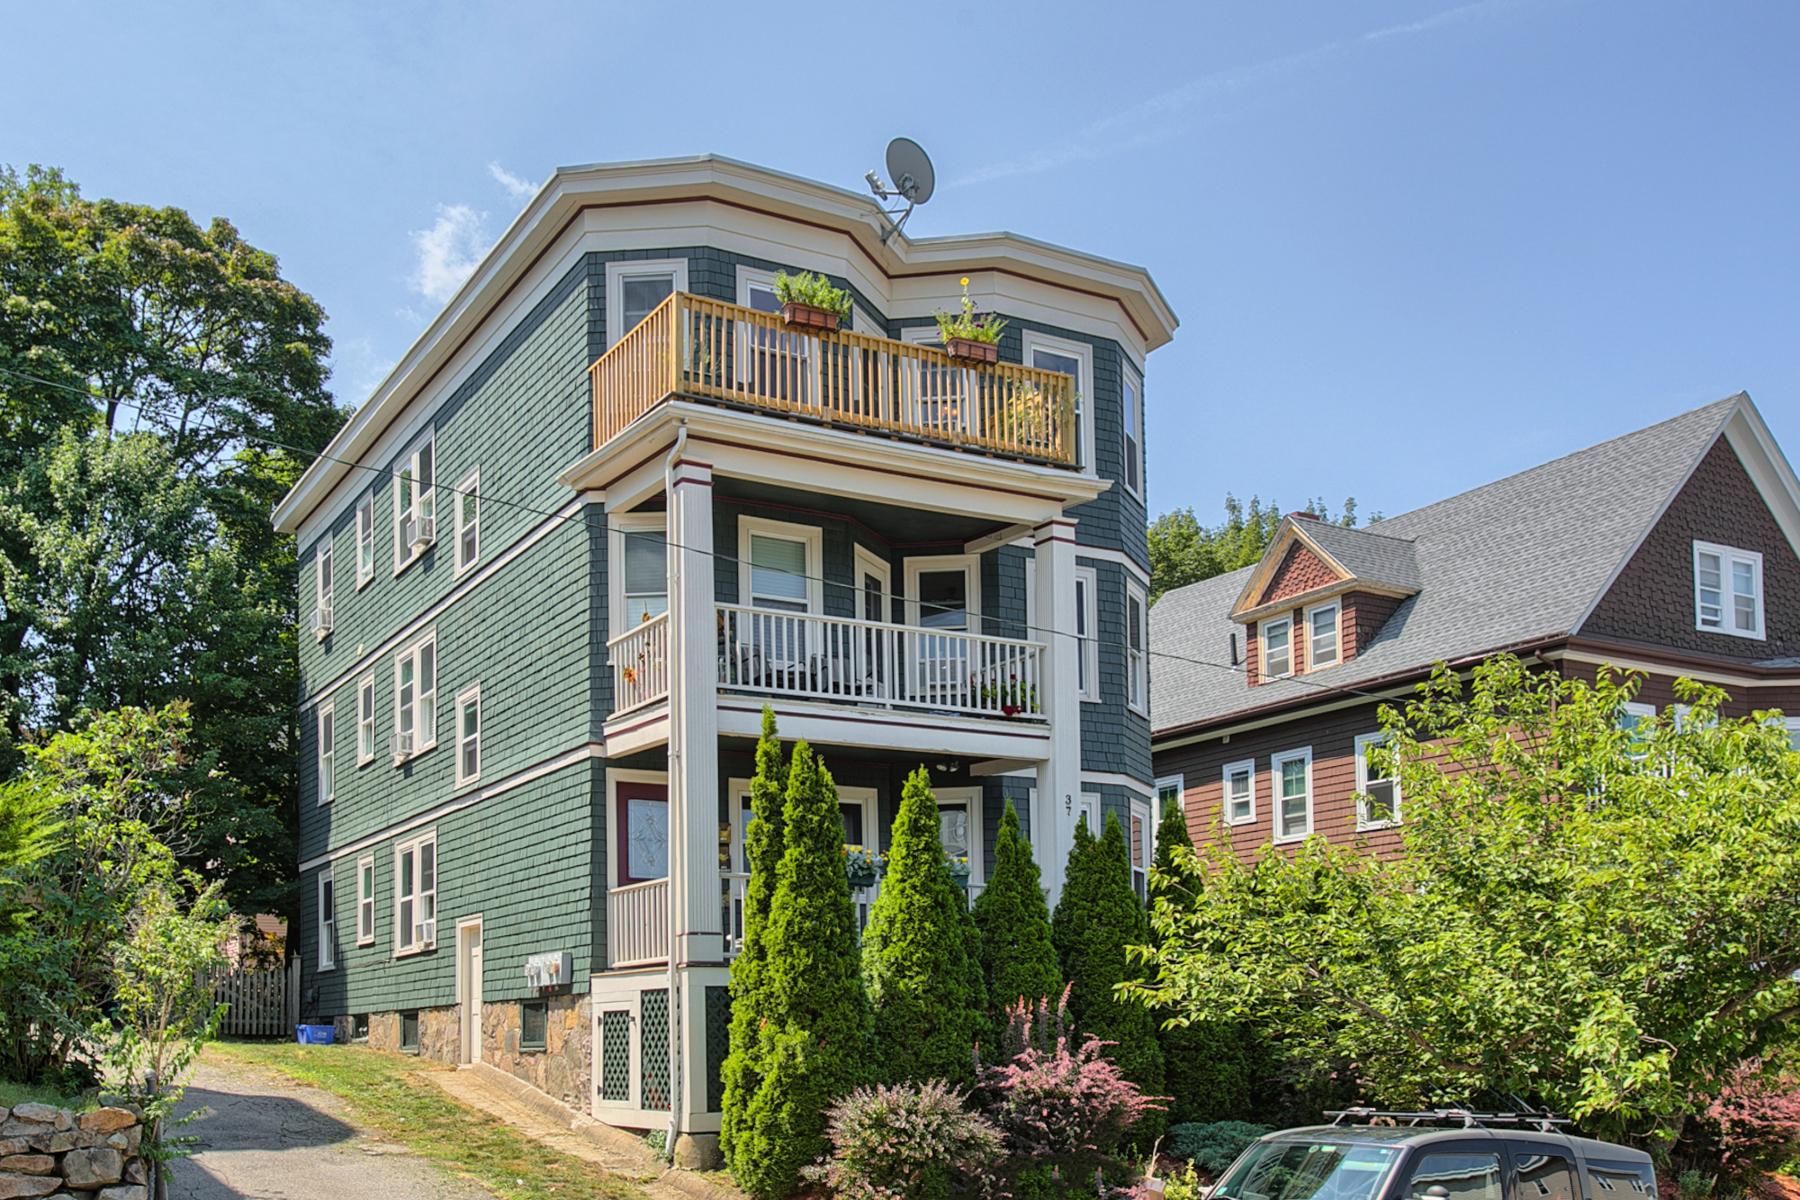 Condominium for Sale at Roslindale Condominium 37 Montvale Street Unit 3 Roslindale, Boston, Massachusetts 02131 United States